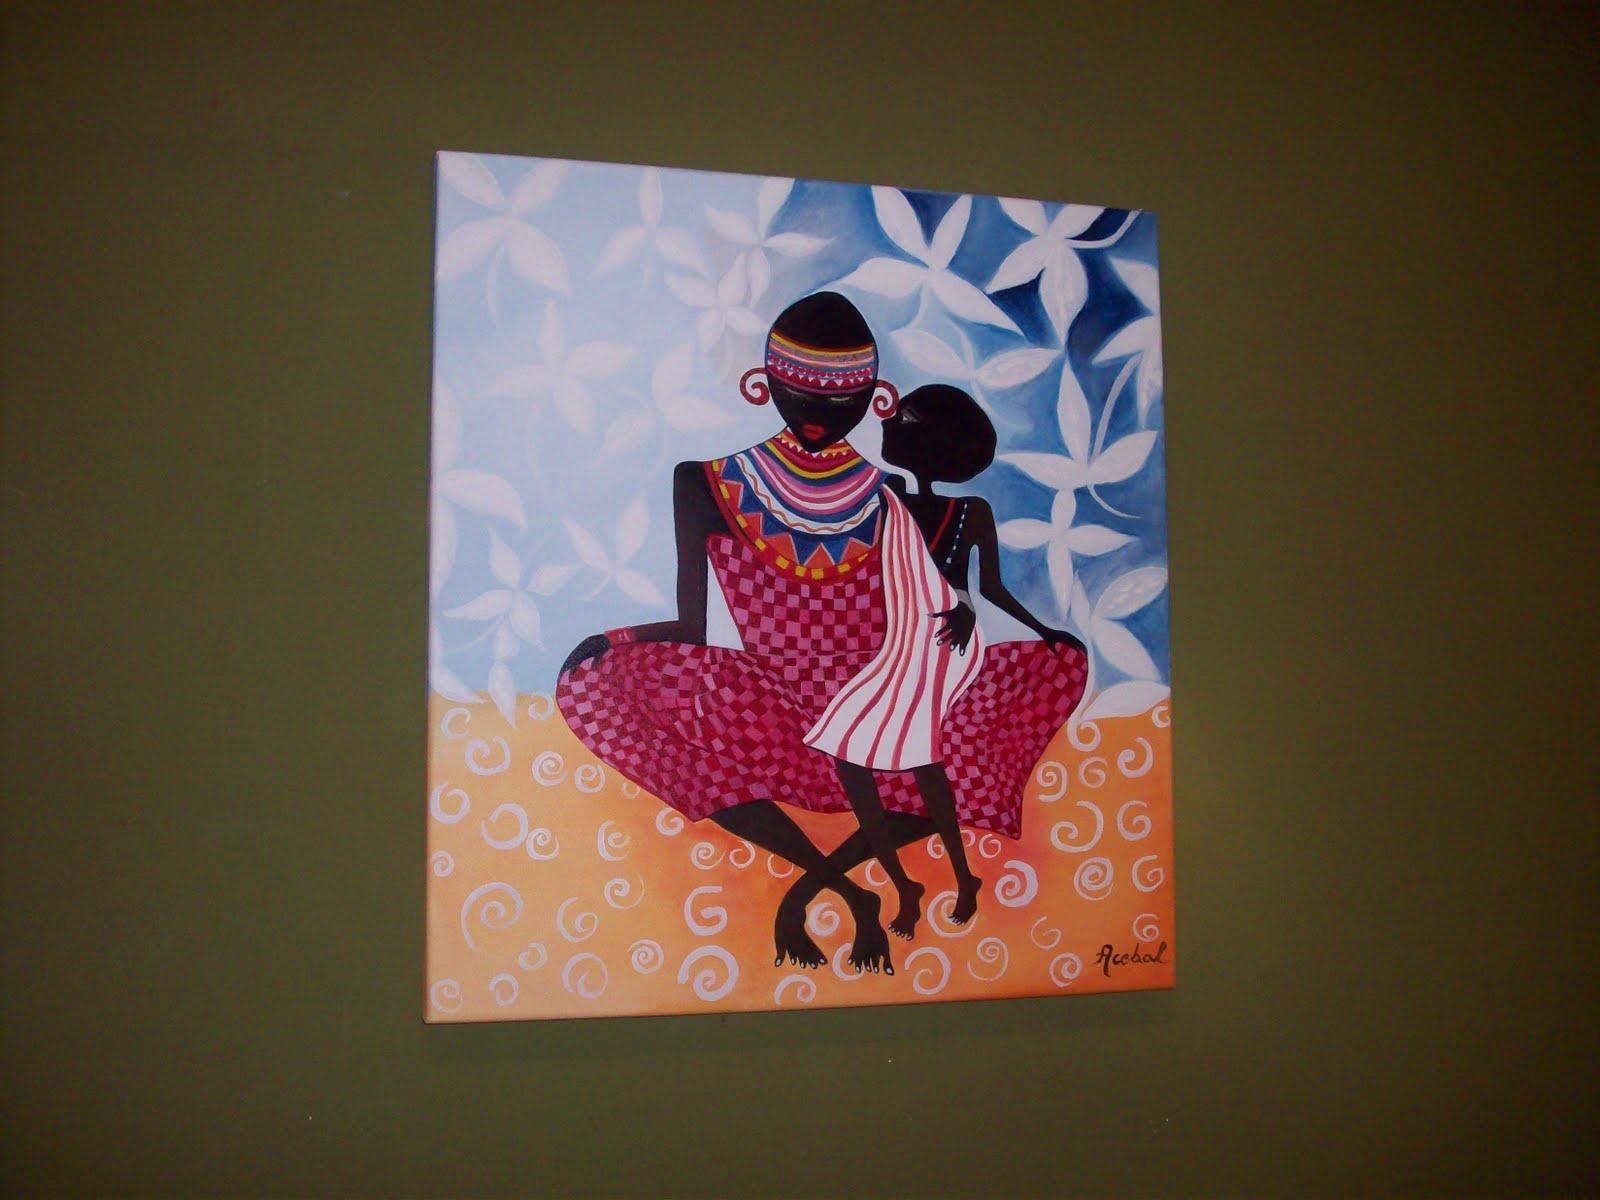 Se vienen los cuadros africanos. Todos en bastidores Box, de 5 cm